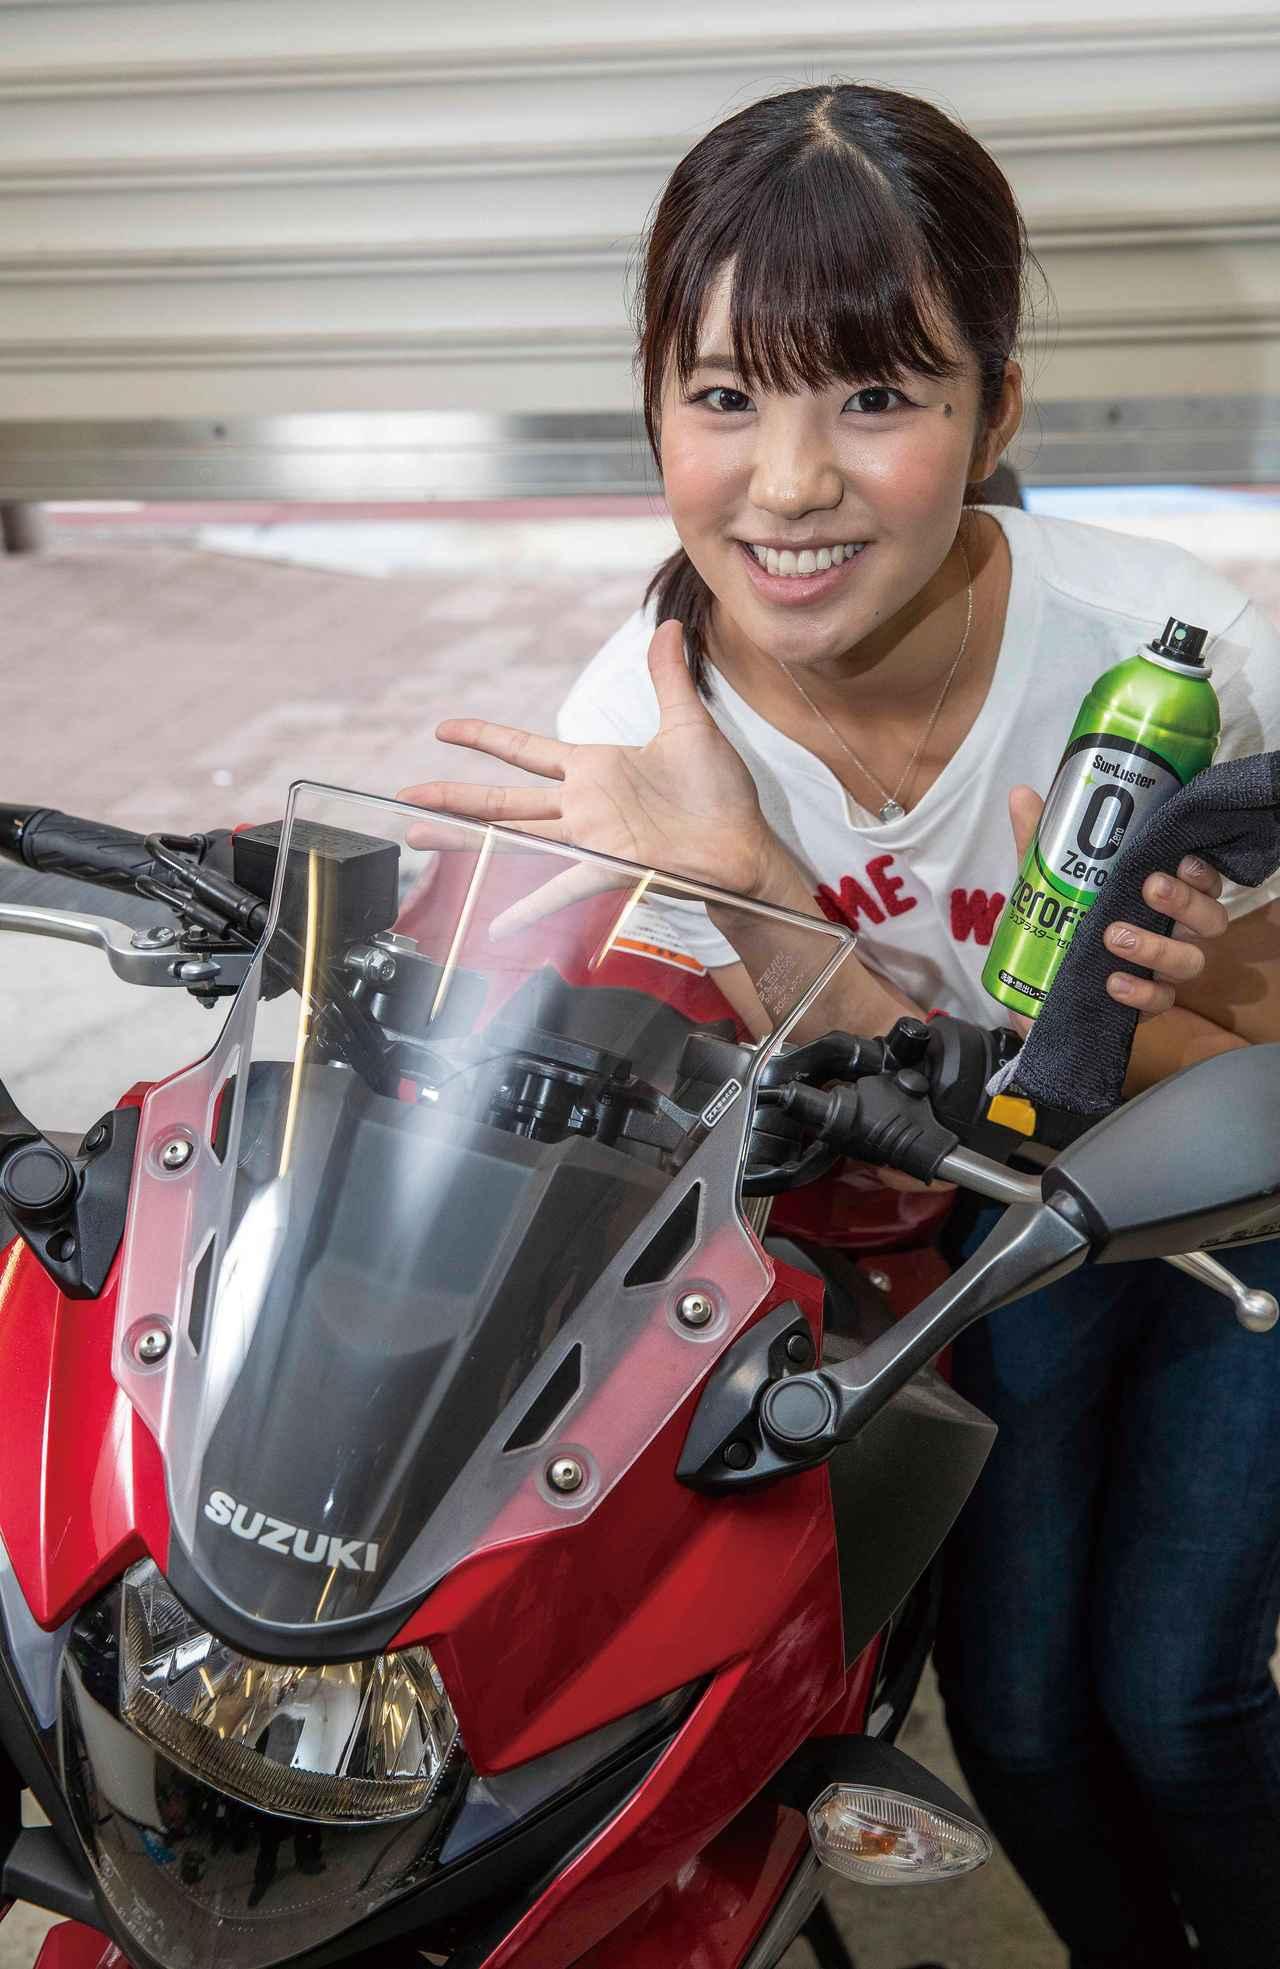 画像: 「吹いて拭くだけ」のお手軽ケア【 SurLuster ゼロフィニッシュ ZEROFINISH】 - webオートバイ